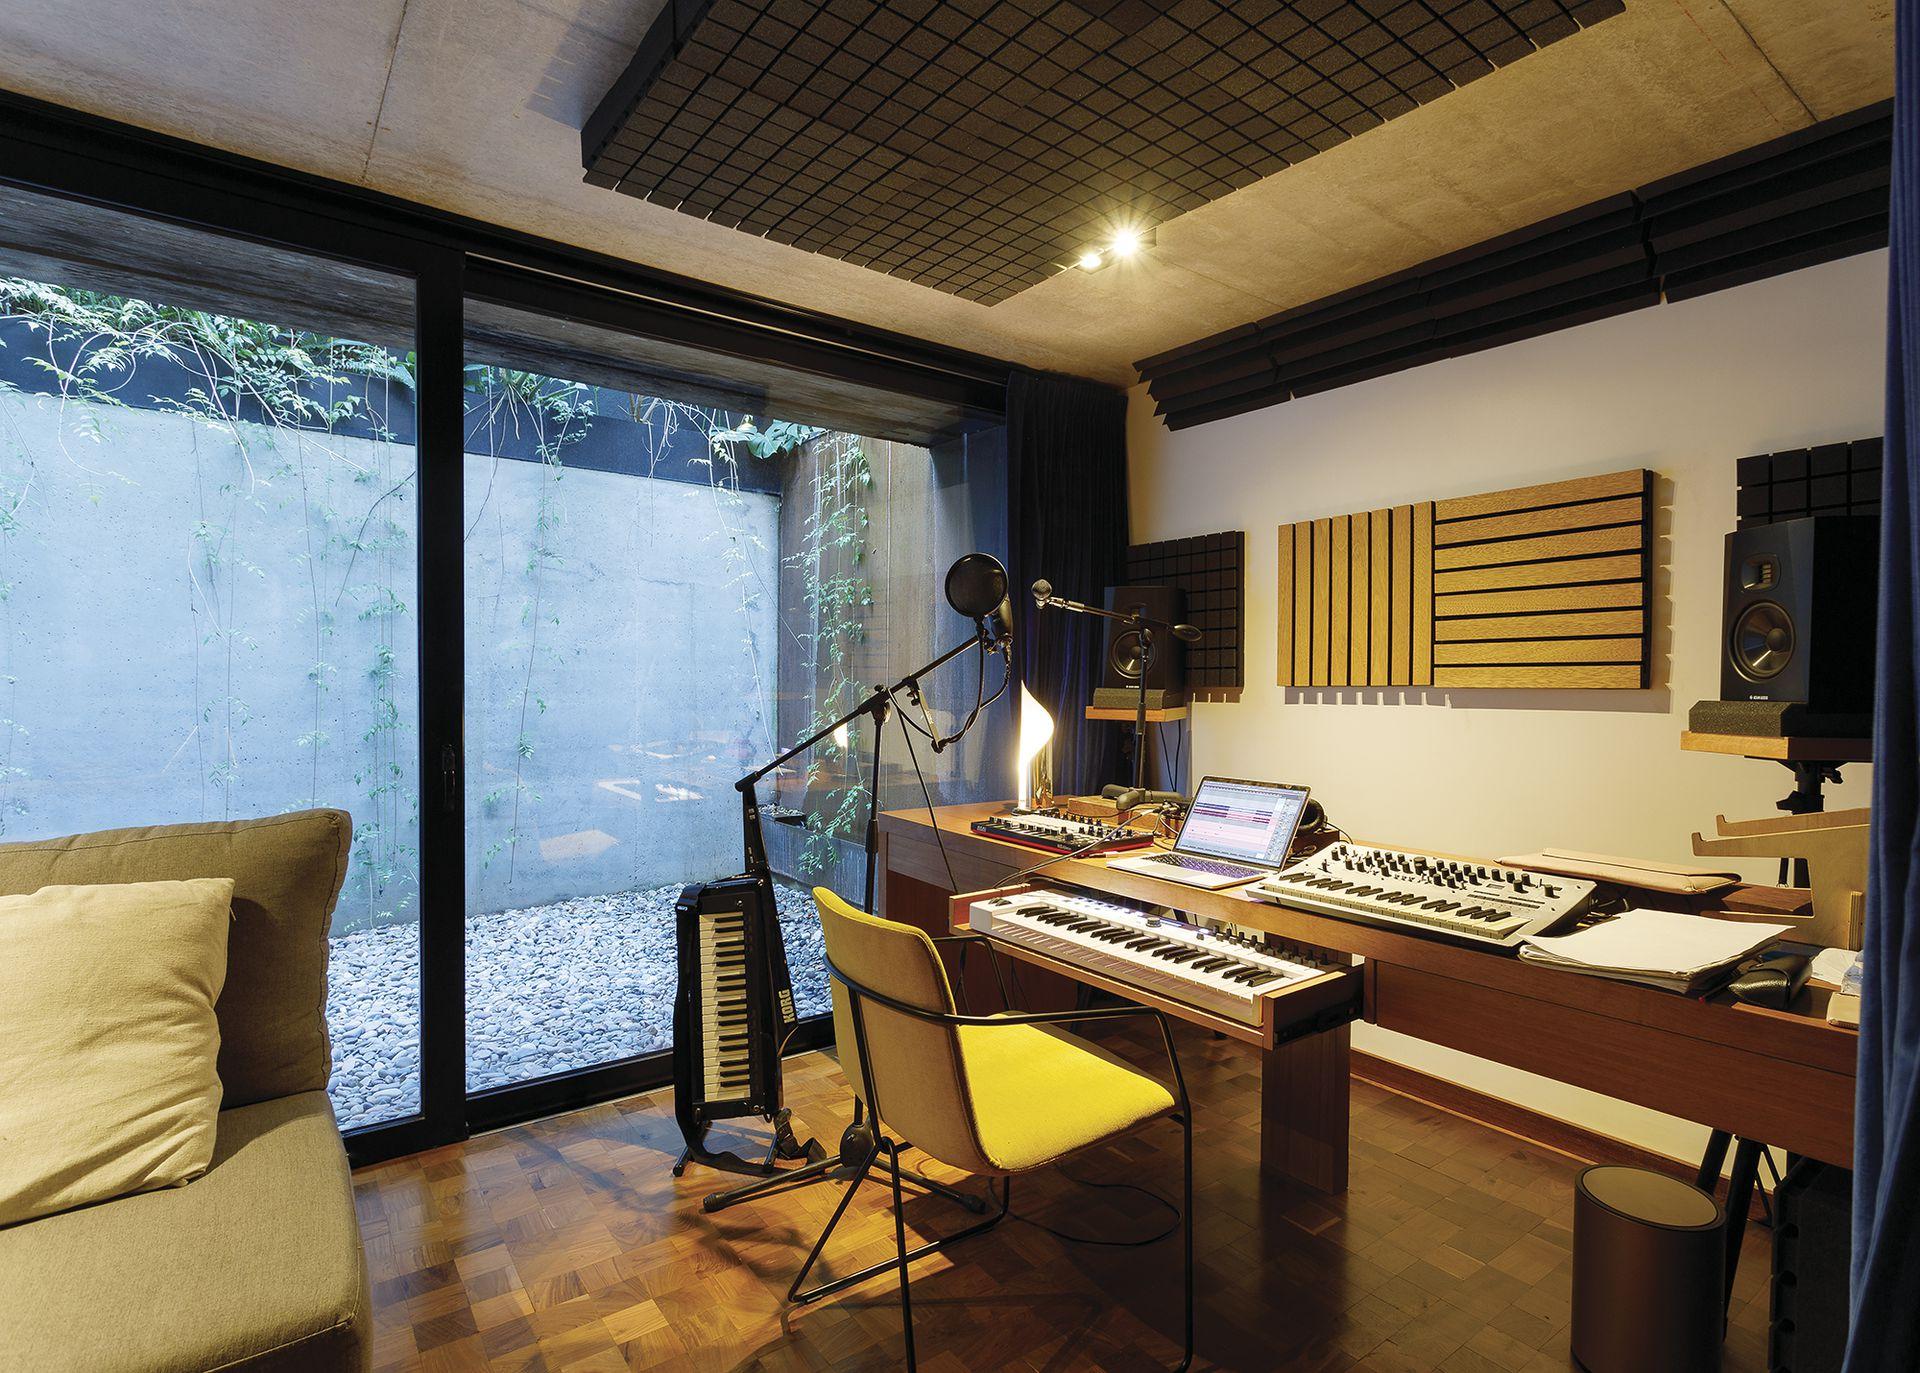 En el subsuelo se encuentra el estudio, que -como corresponde a un hogar de músicos- está perfectamente equipado y acustizado.